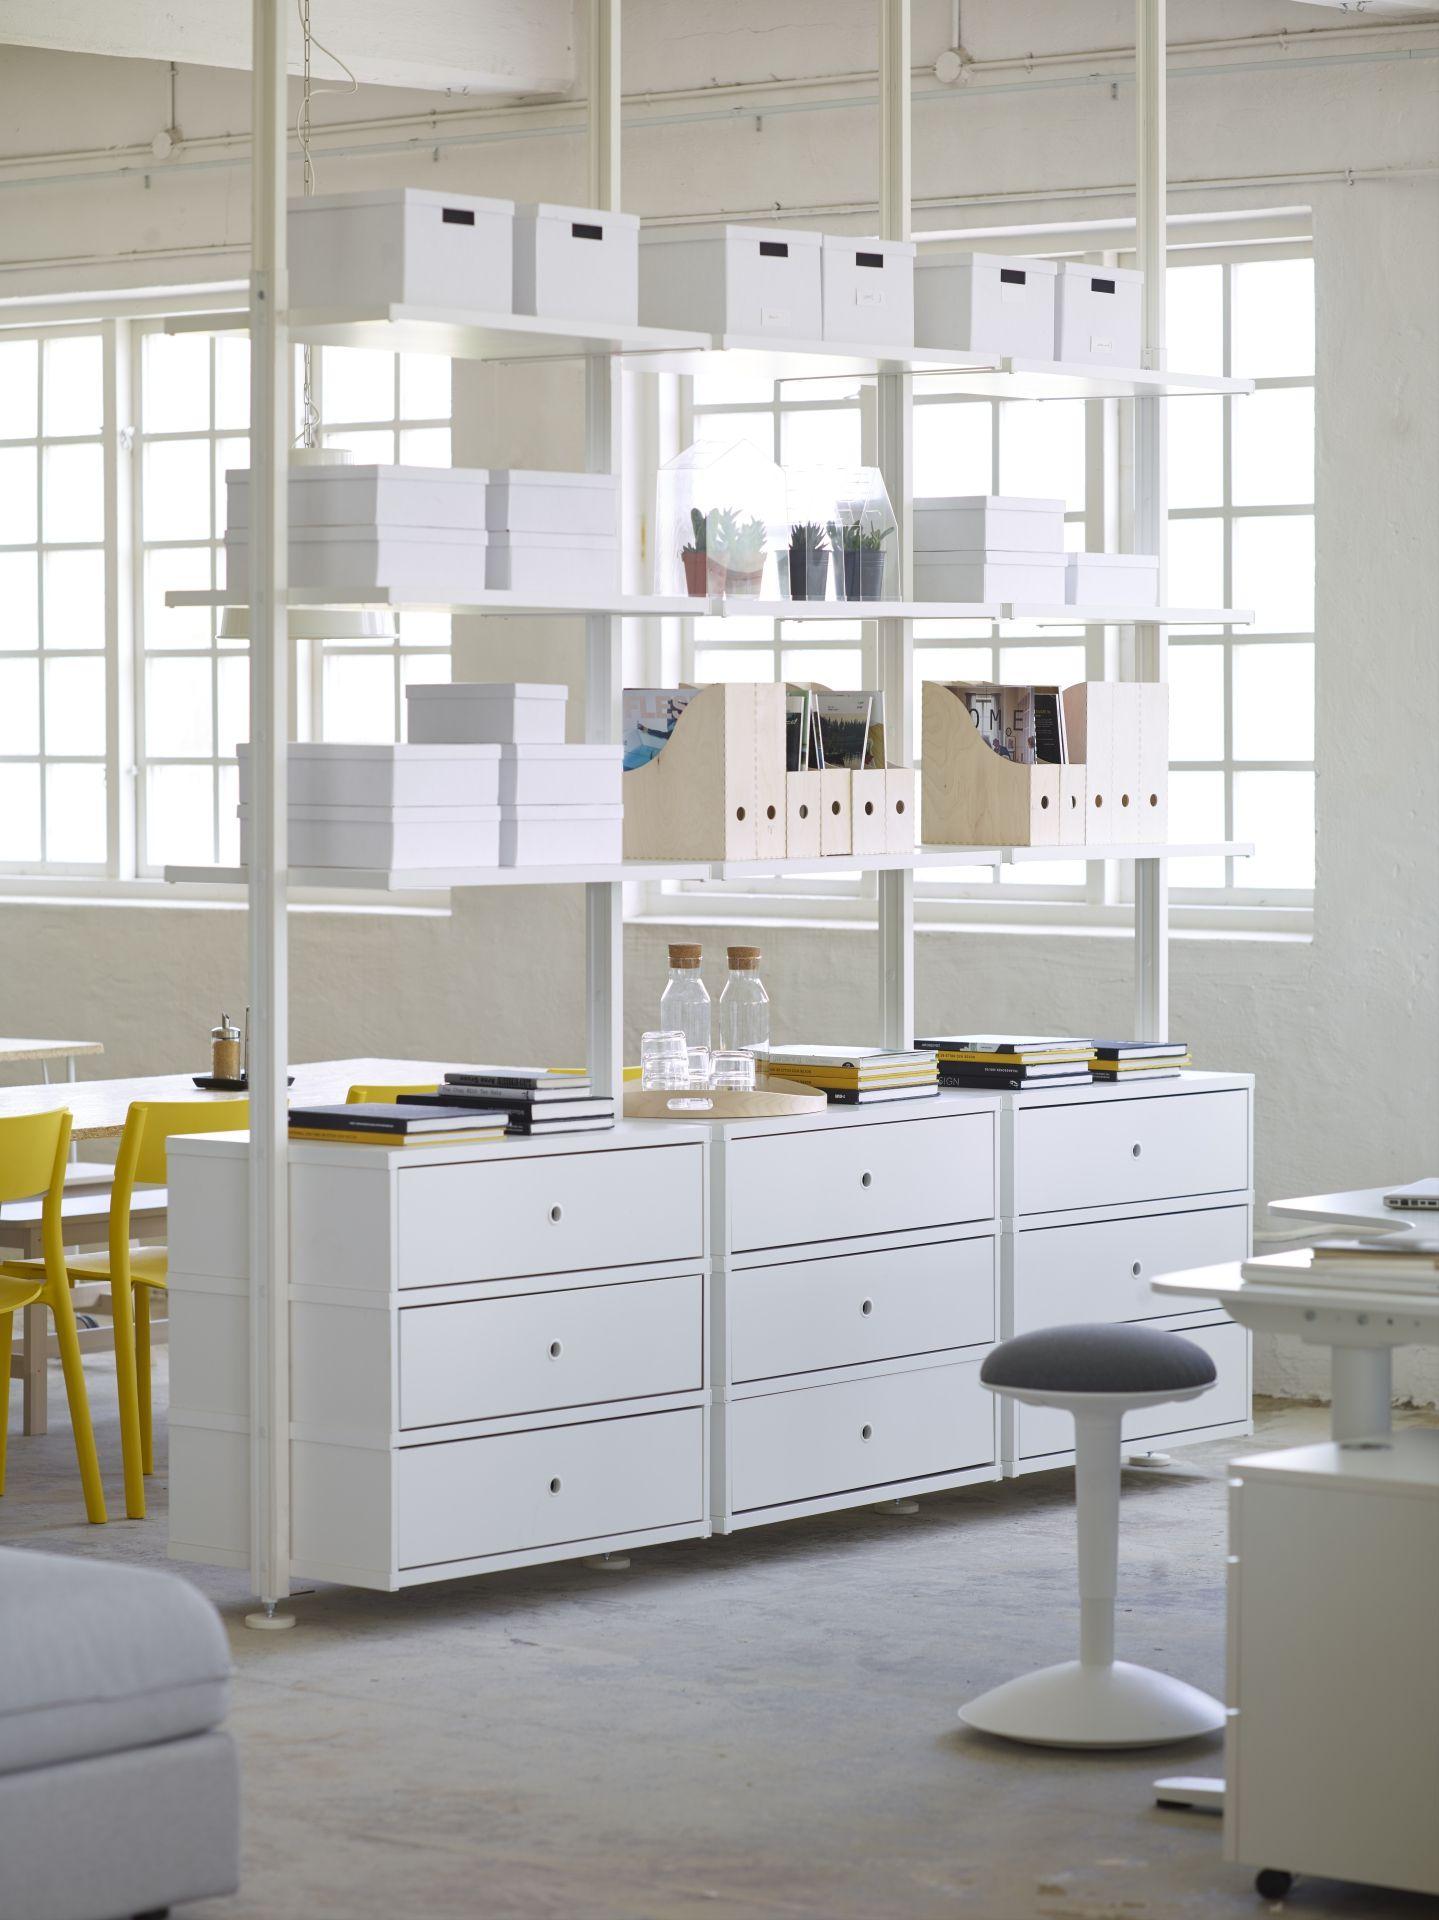 Full Size of Elvarli 3 Seces Branco Ikea Miniküche Küche Kaufen Sofa Mit Schlaffunktion Modulküche Raumteiler Regal Kosten Betten Bei 160x200 Wohnzimmer Ikea Raumteiler